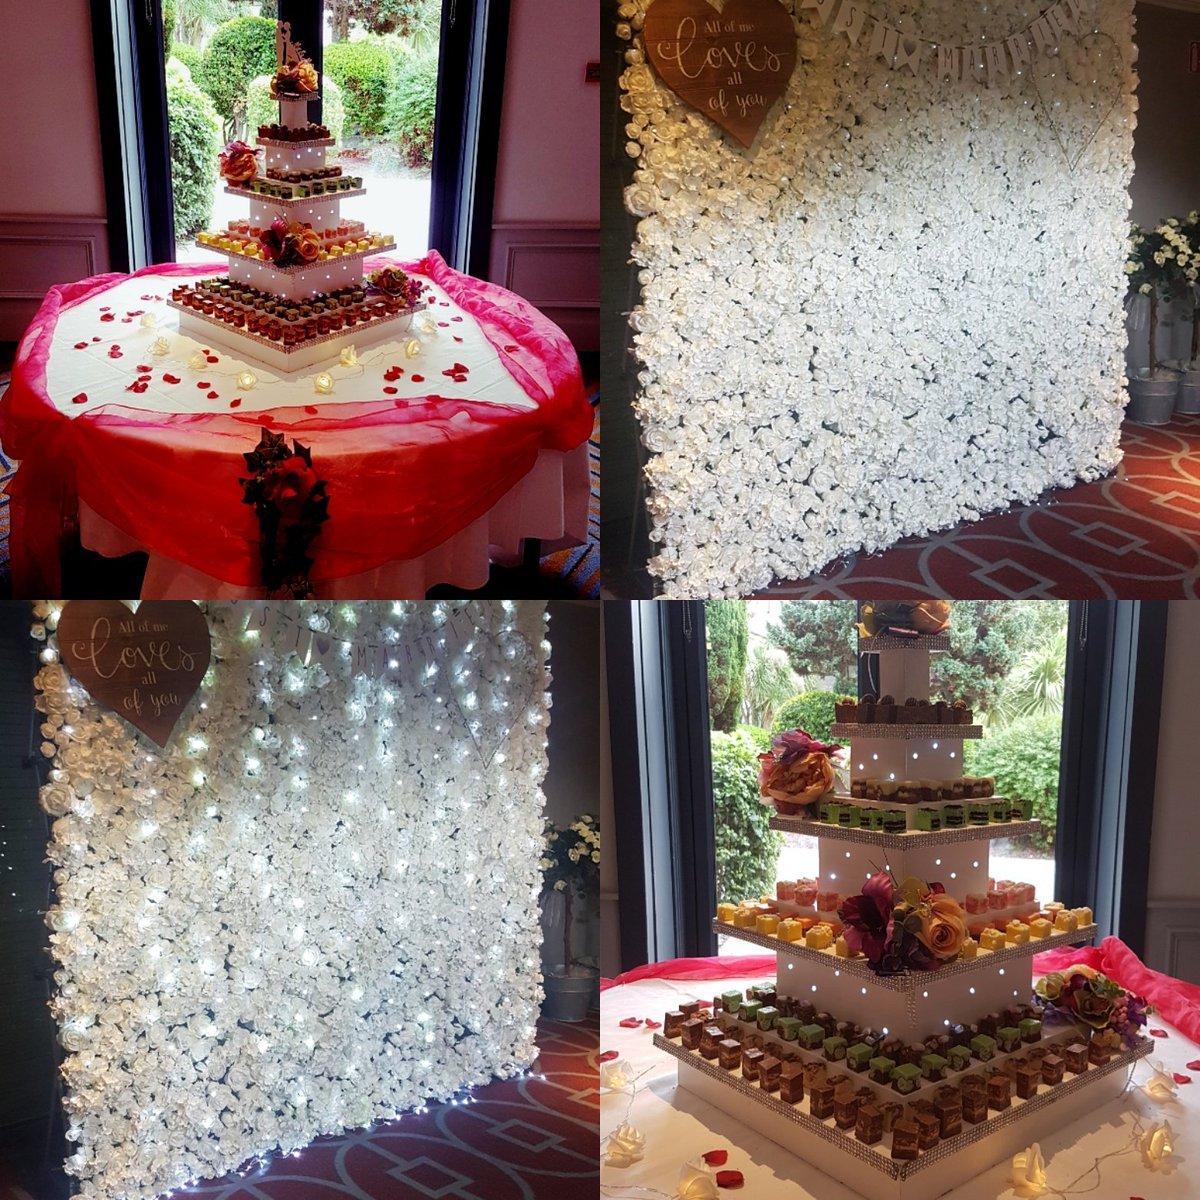 Fudge Delights Fudgedelights Twitter - Fudge Wedding Cake